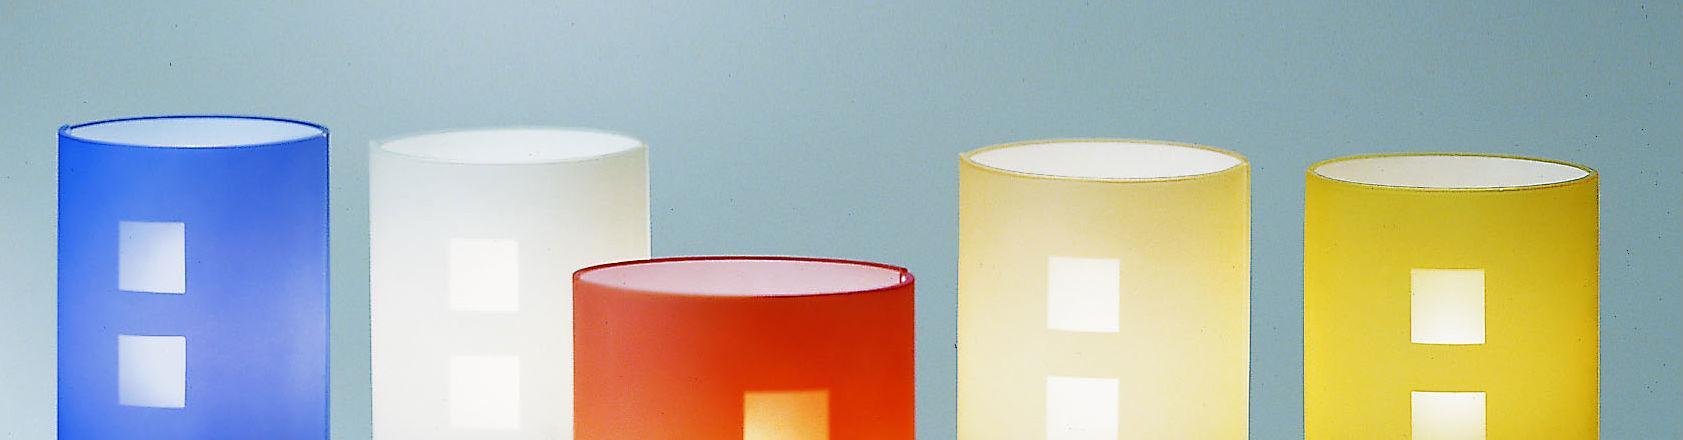 CITY applique specchio cm60 colore arancio LED